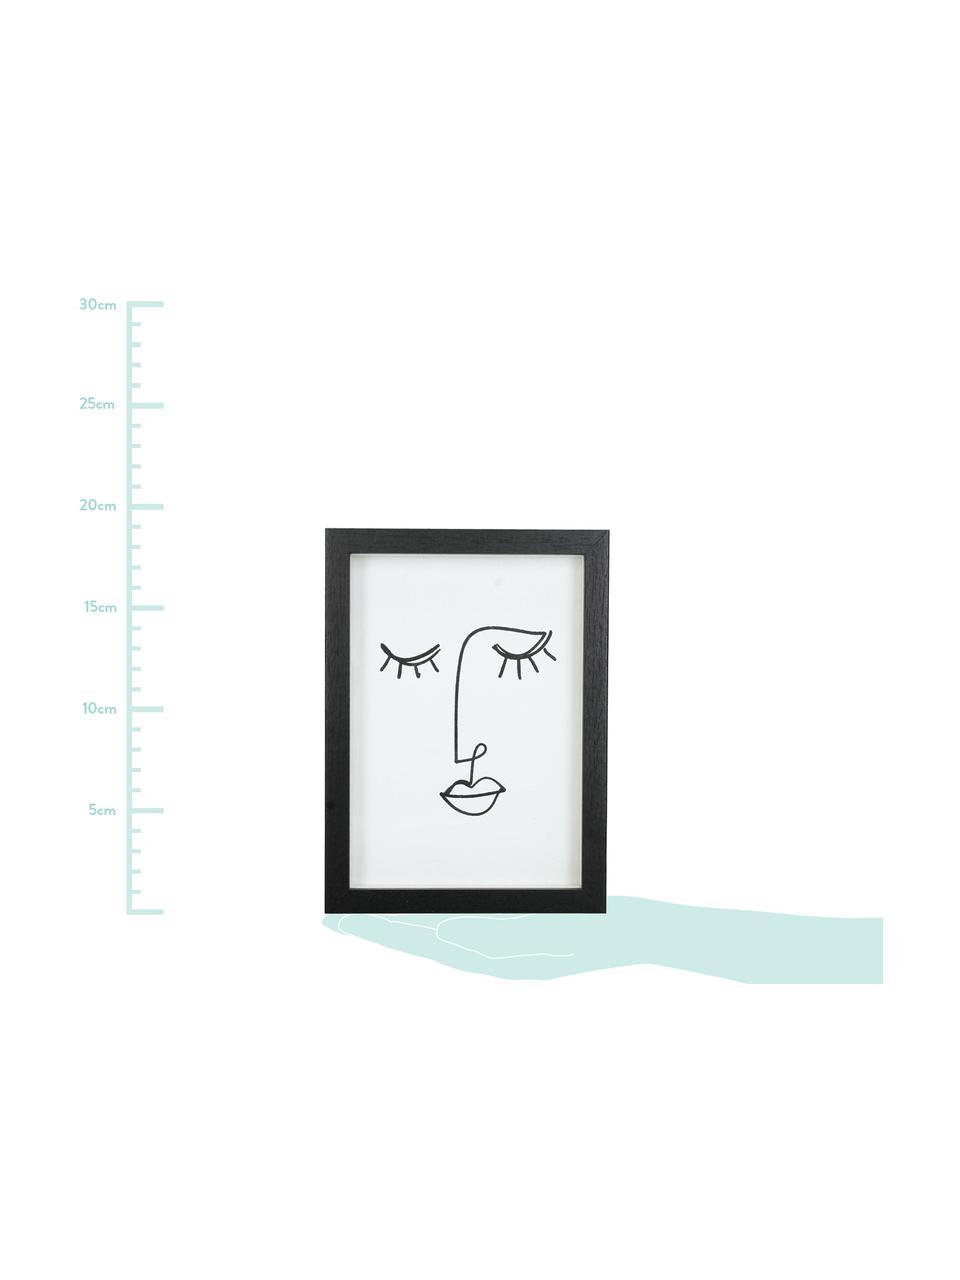 Ramka na zdjęcia Claybank, Drewno naturalne, powlekane, Czarny, 13 x 18 cm